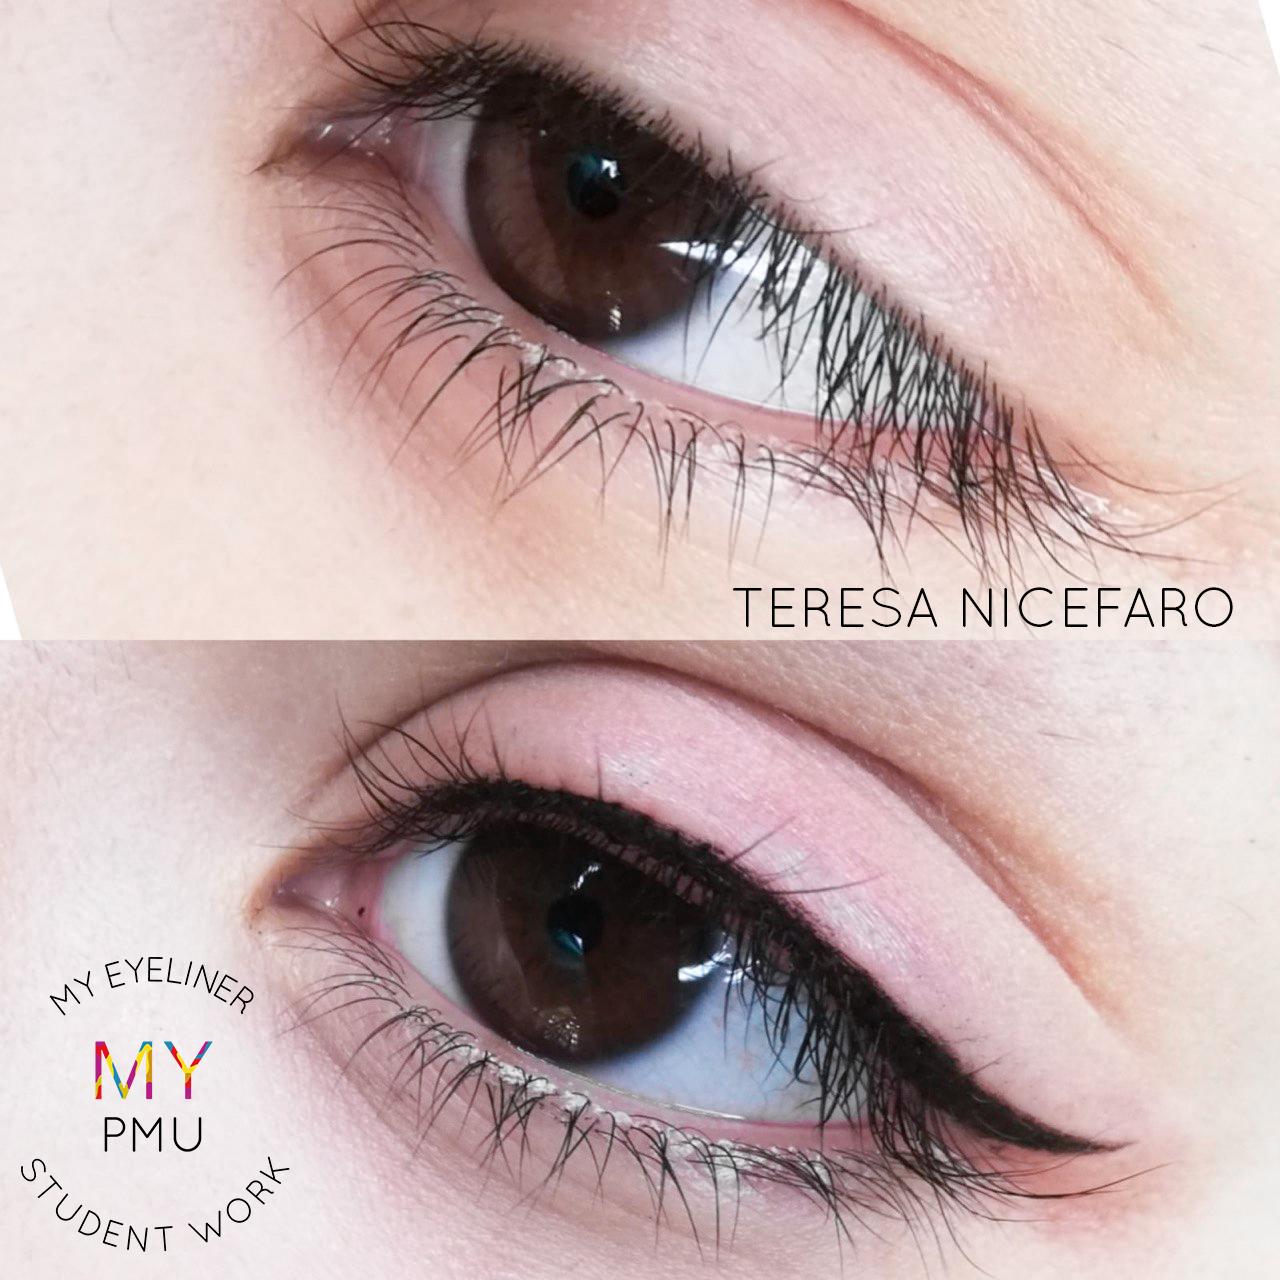 Lavoro allieve my eyeliner Nicefaro Teresa